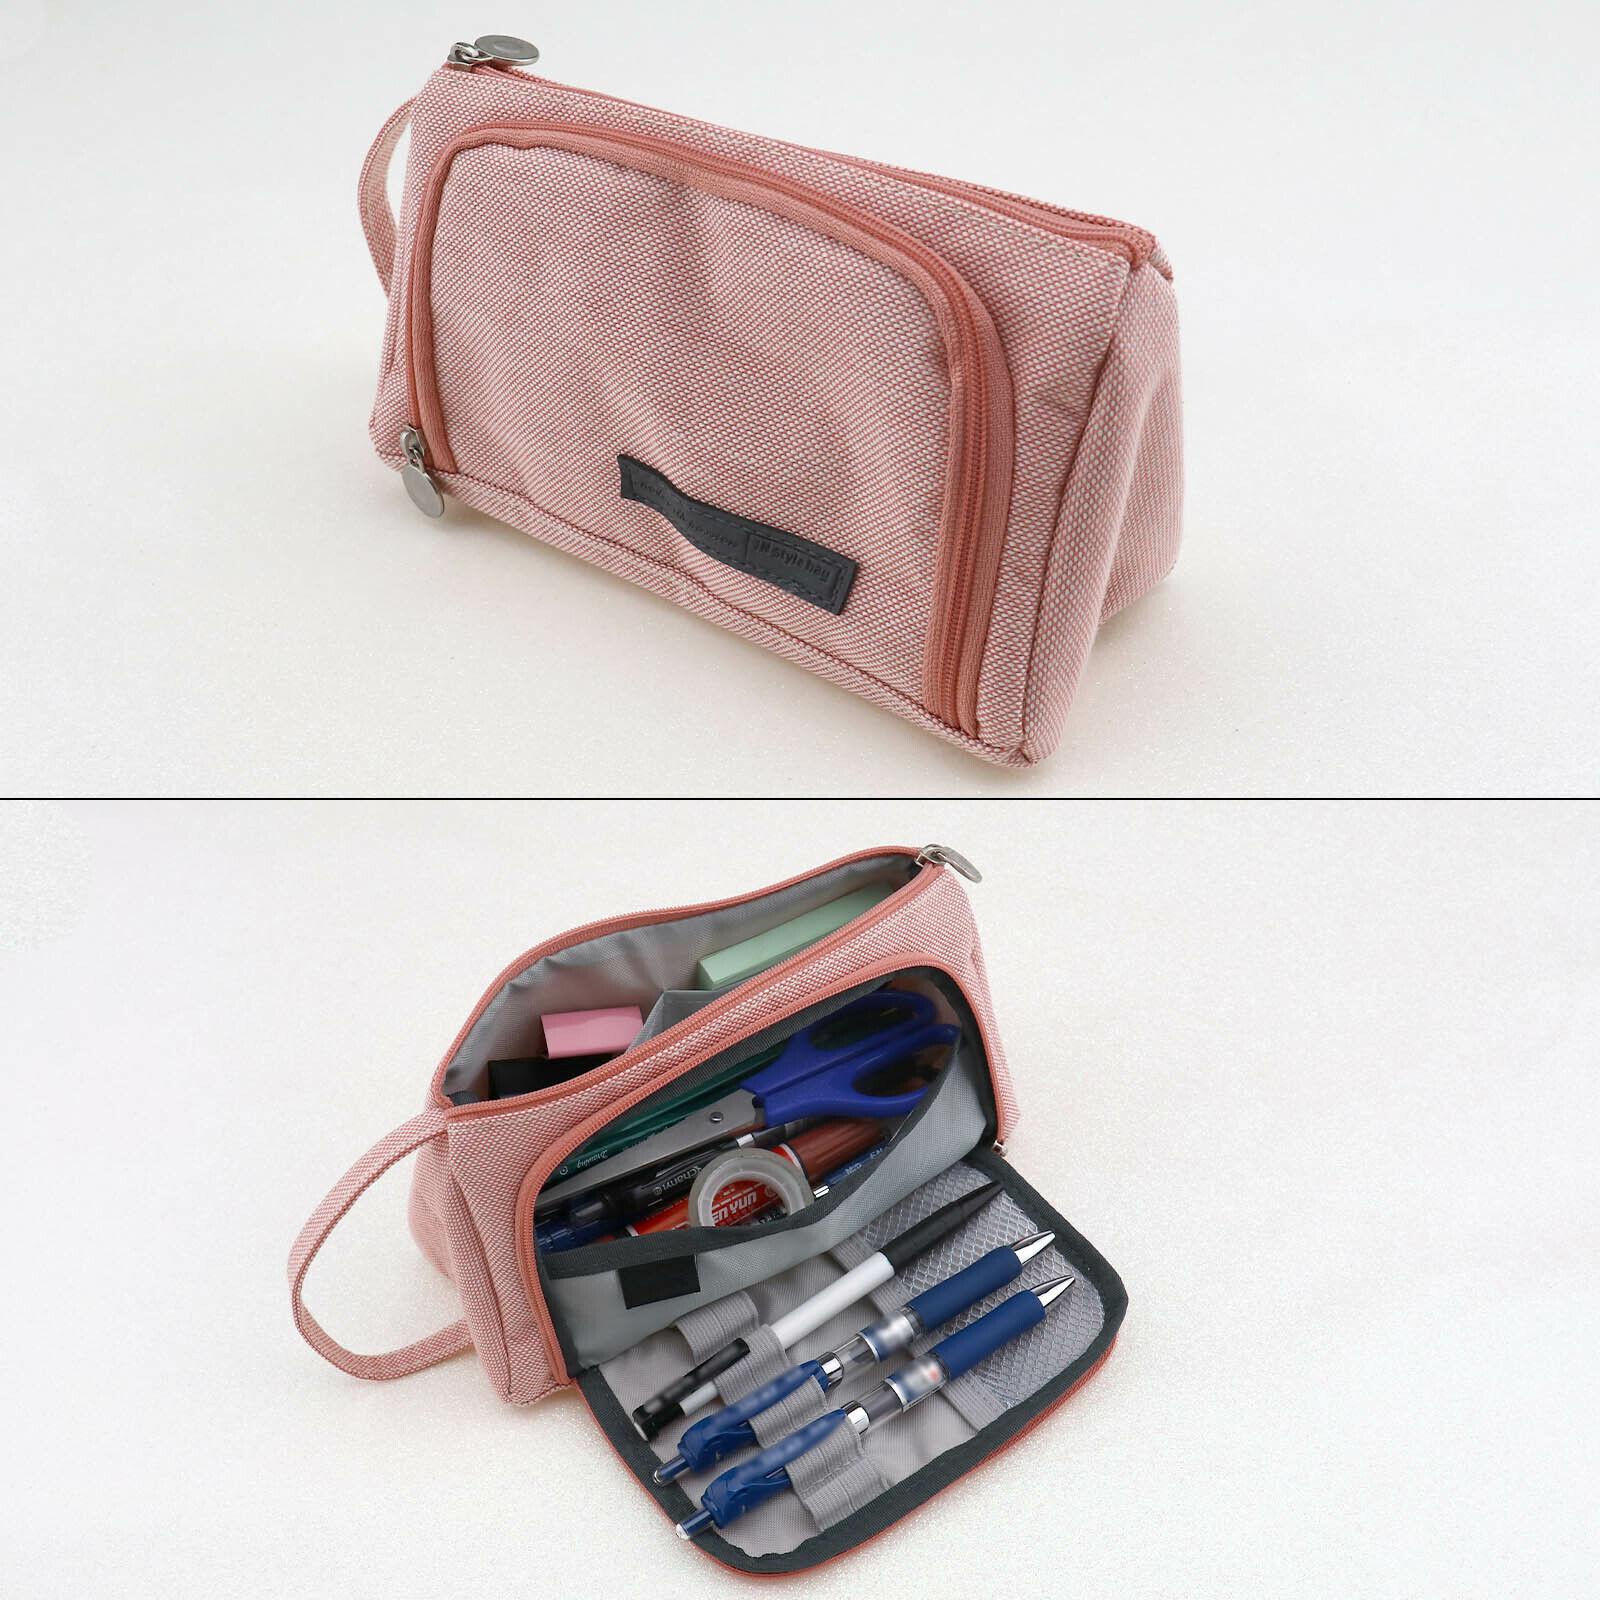 1x Rosa Make-up Beutel Lagerung Handtasche für Schreibwaren Kosmetik Tasche